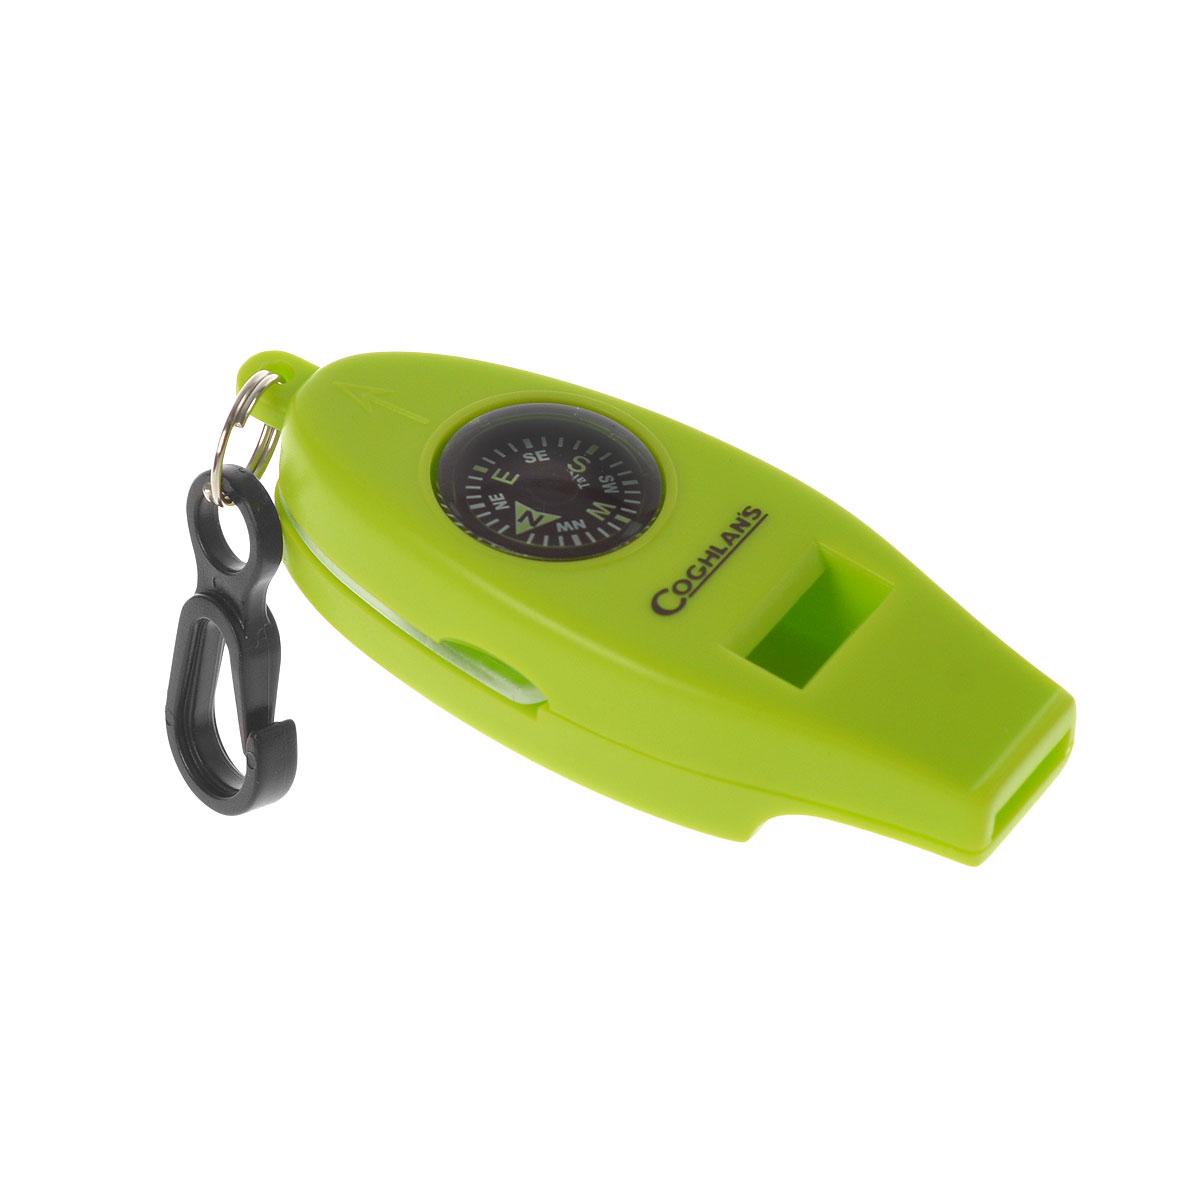 Свисток Coghlans, с четырьмя функциями, цвет: зеленый0045gУдобный и эффективный в чрезвычайных ситуациях гаджет Coghlans с 4-мя функциями - свисток, термометр, компас и увеличительное стекло для чтения карт. Возьмите с собой в лес, когда пойдете за грибами! Ударопрочный корпус, оснащен надежным карабином для крепления.